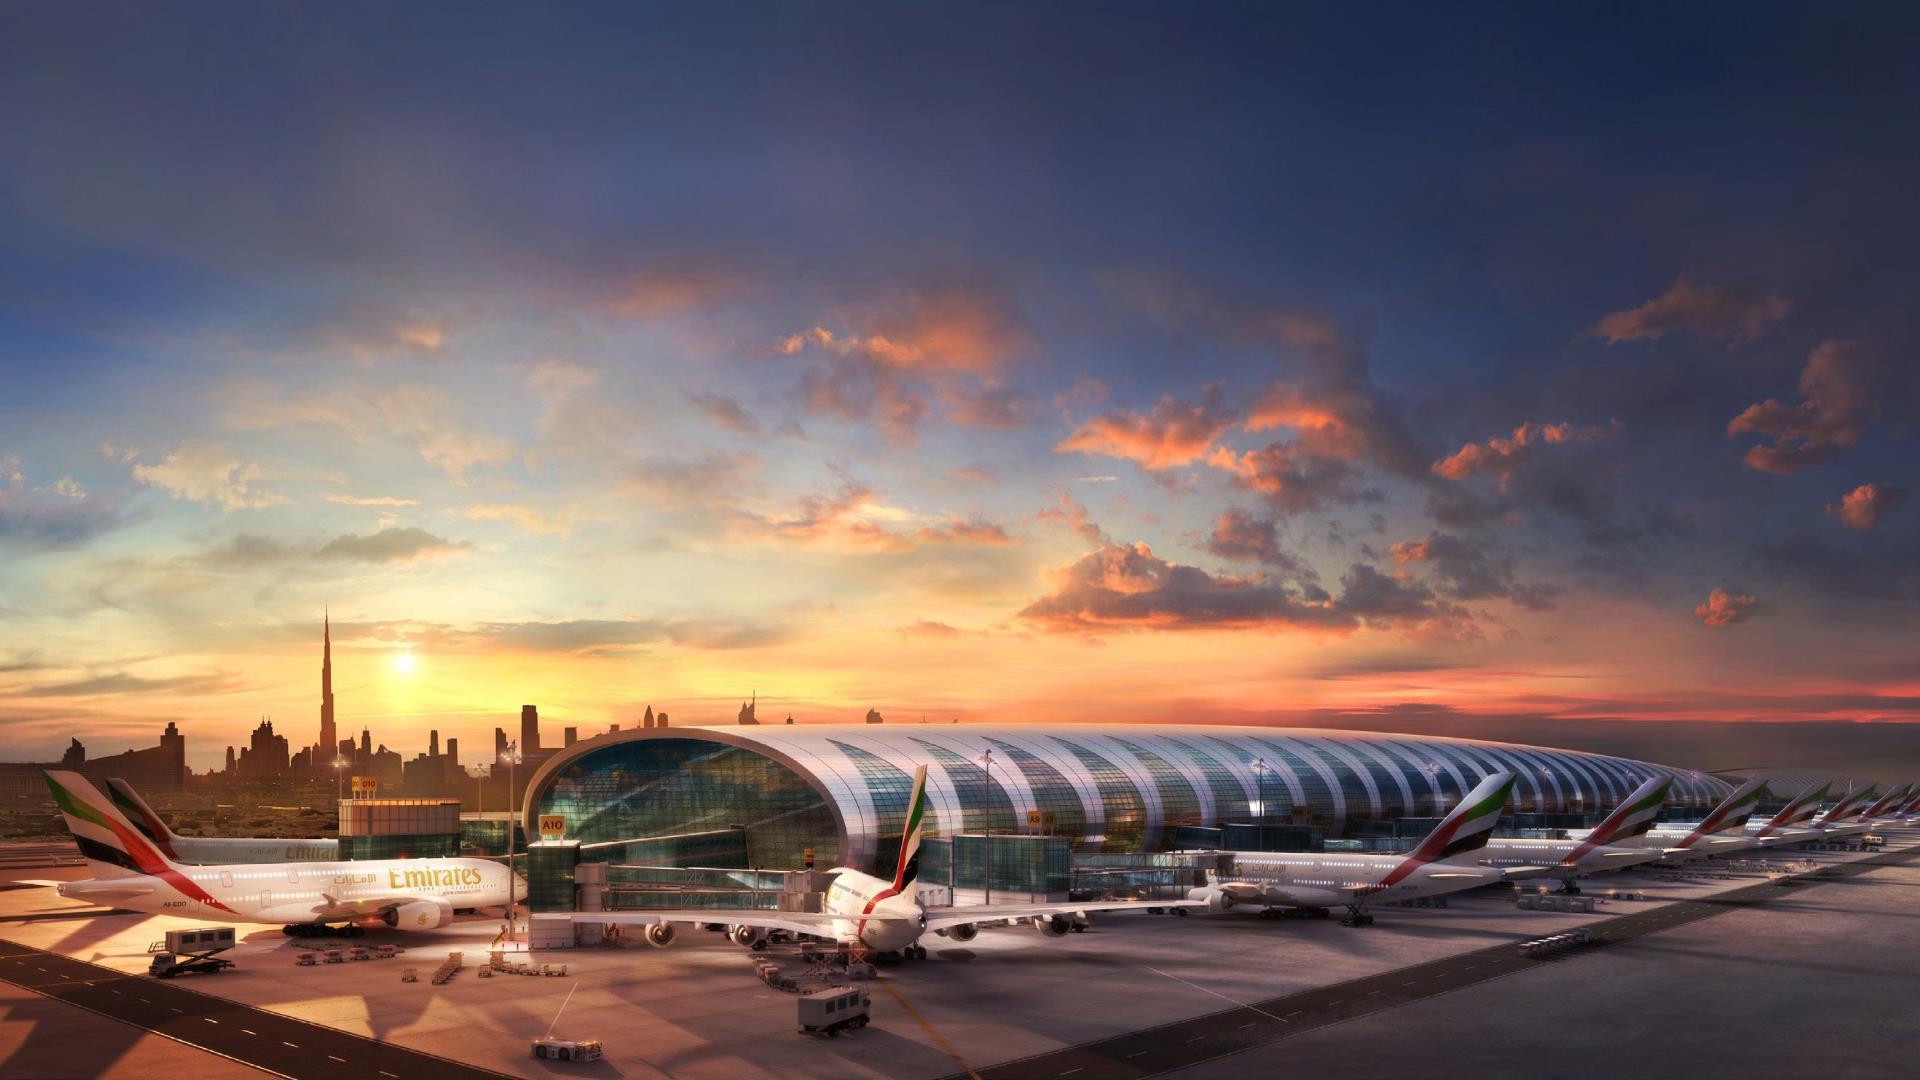 ¿Cuál es el aeropuerto que más pasajeros internacionales recibe?